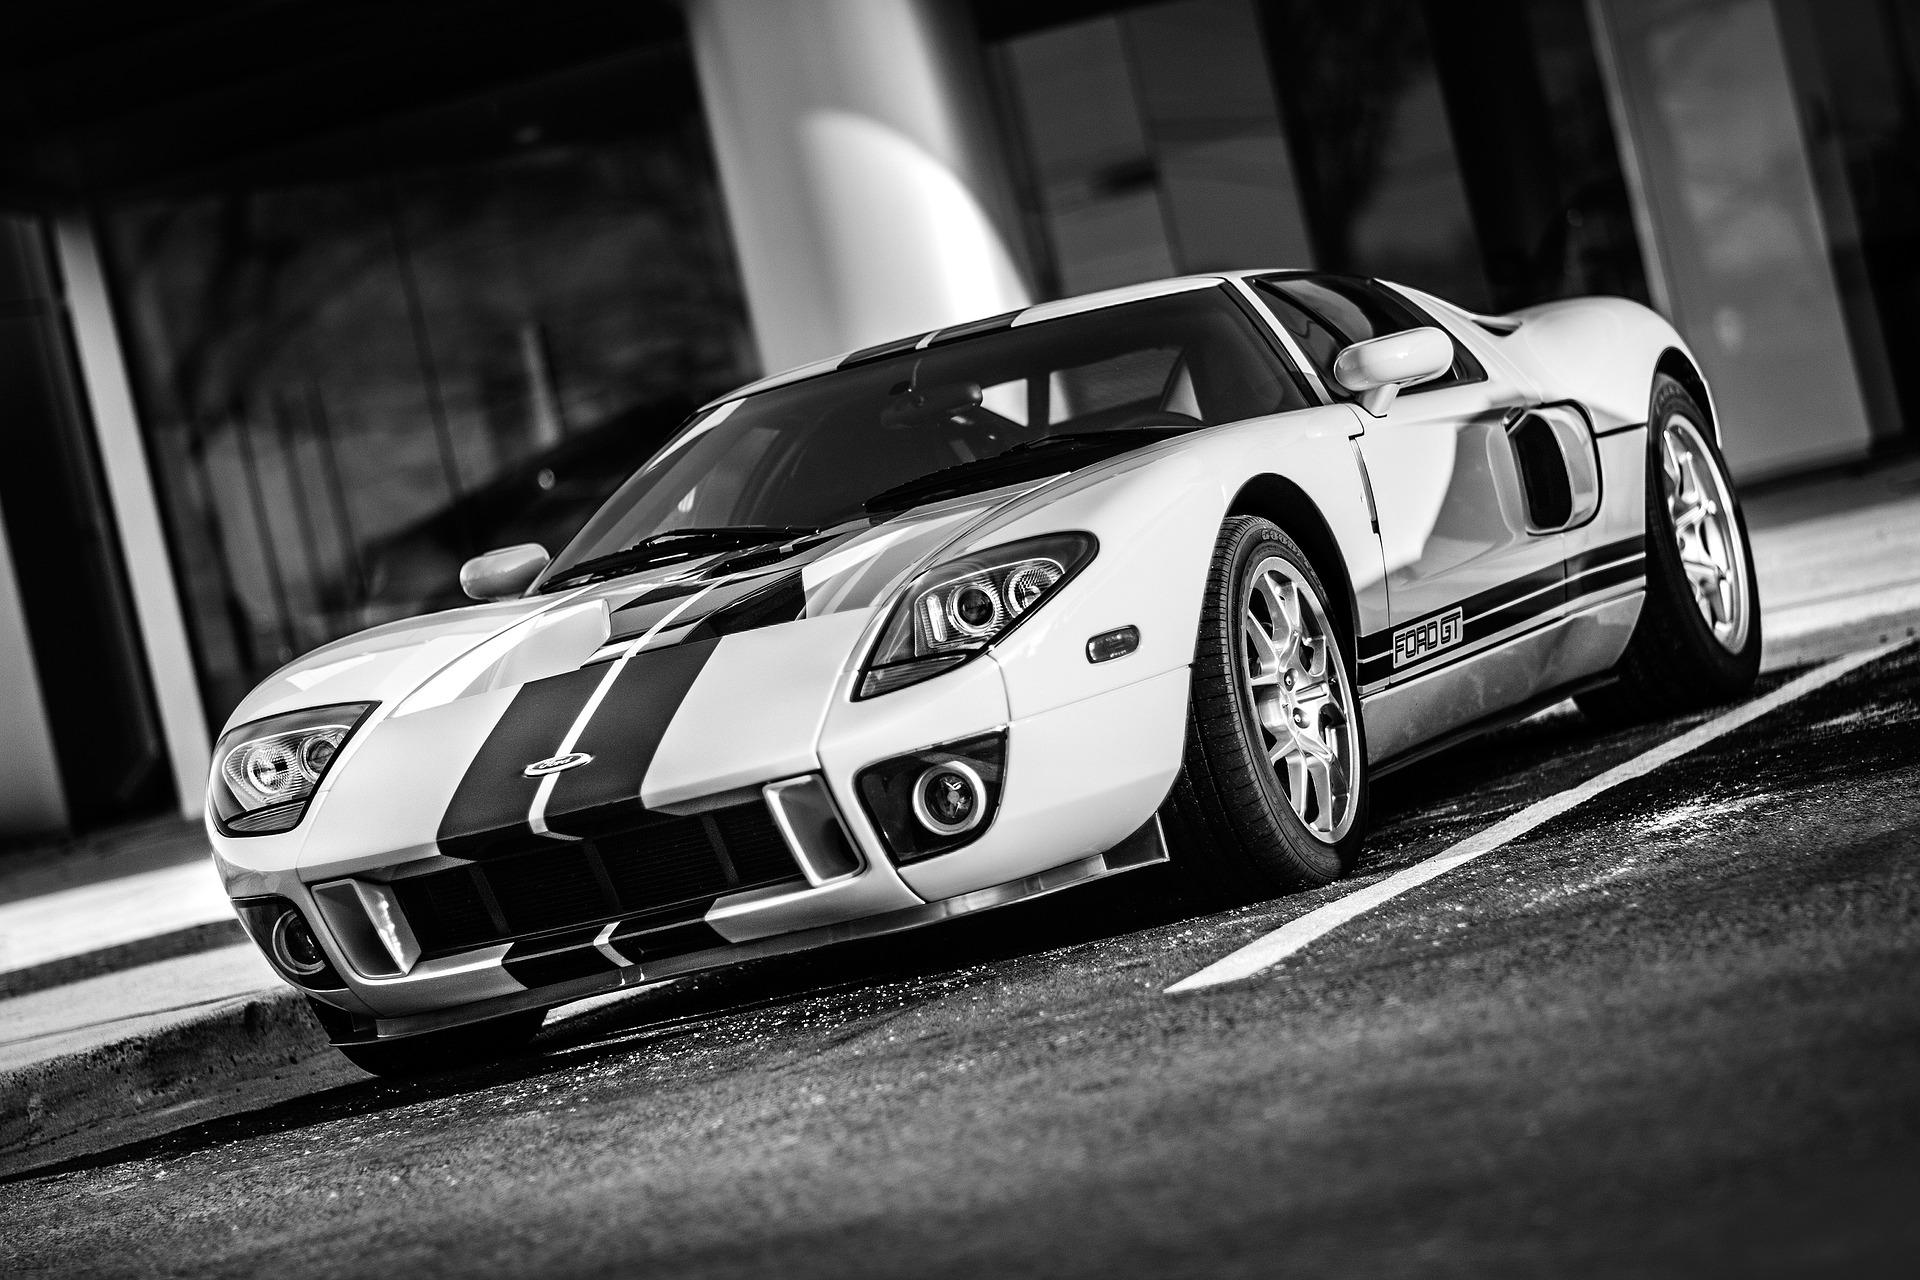 coche, ford, gt, velocidad, automovil, en blanco y negro - Fondos de Pantalla HD - professor-falken.com